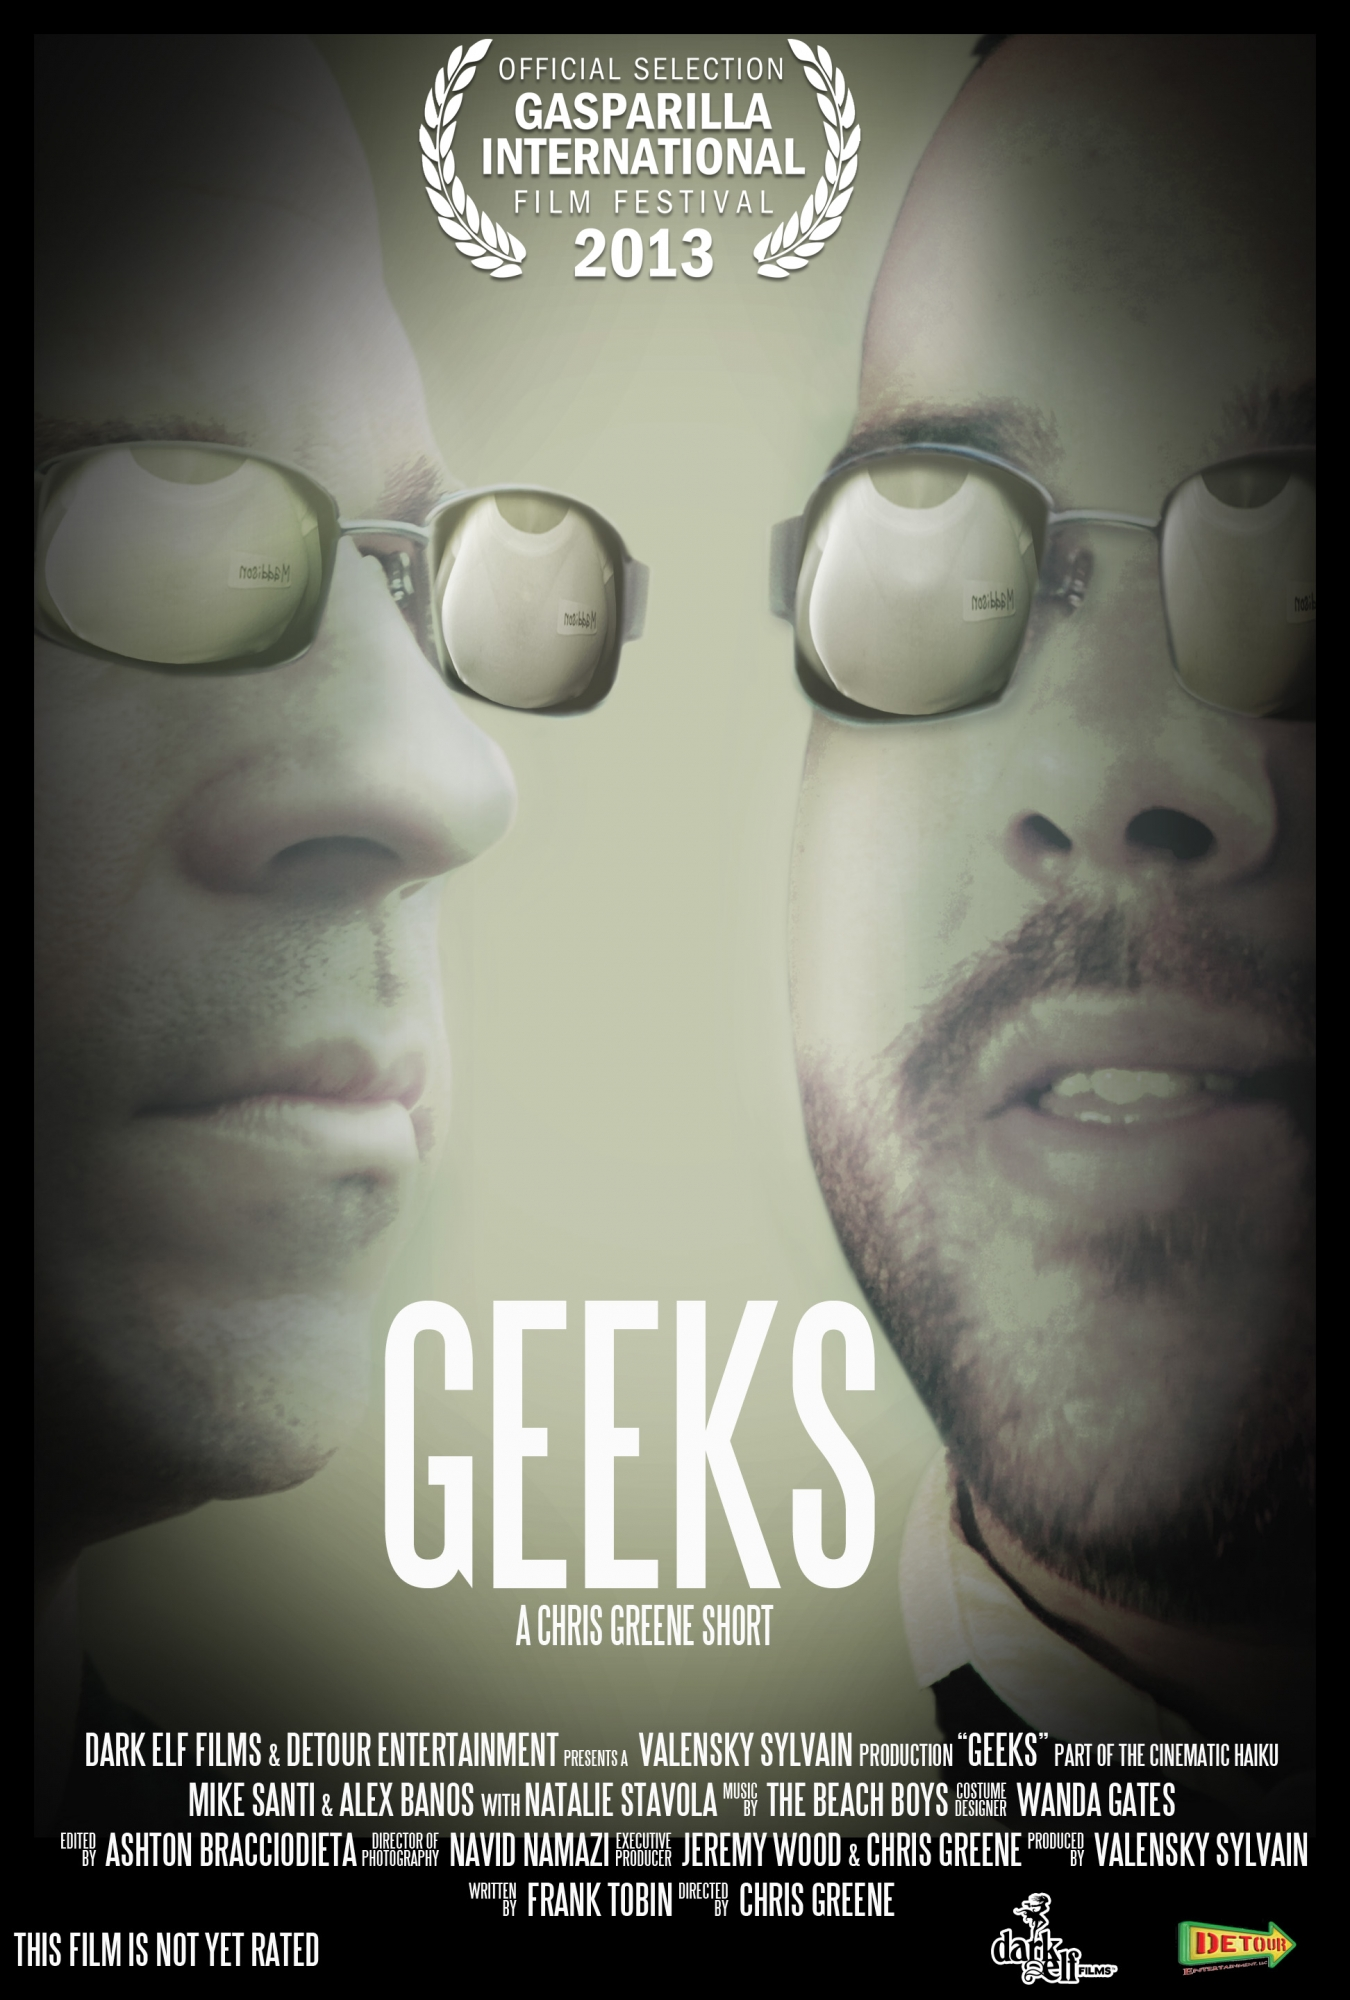 GEEKS Poster